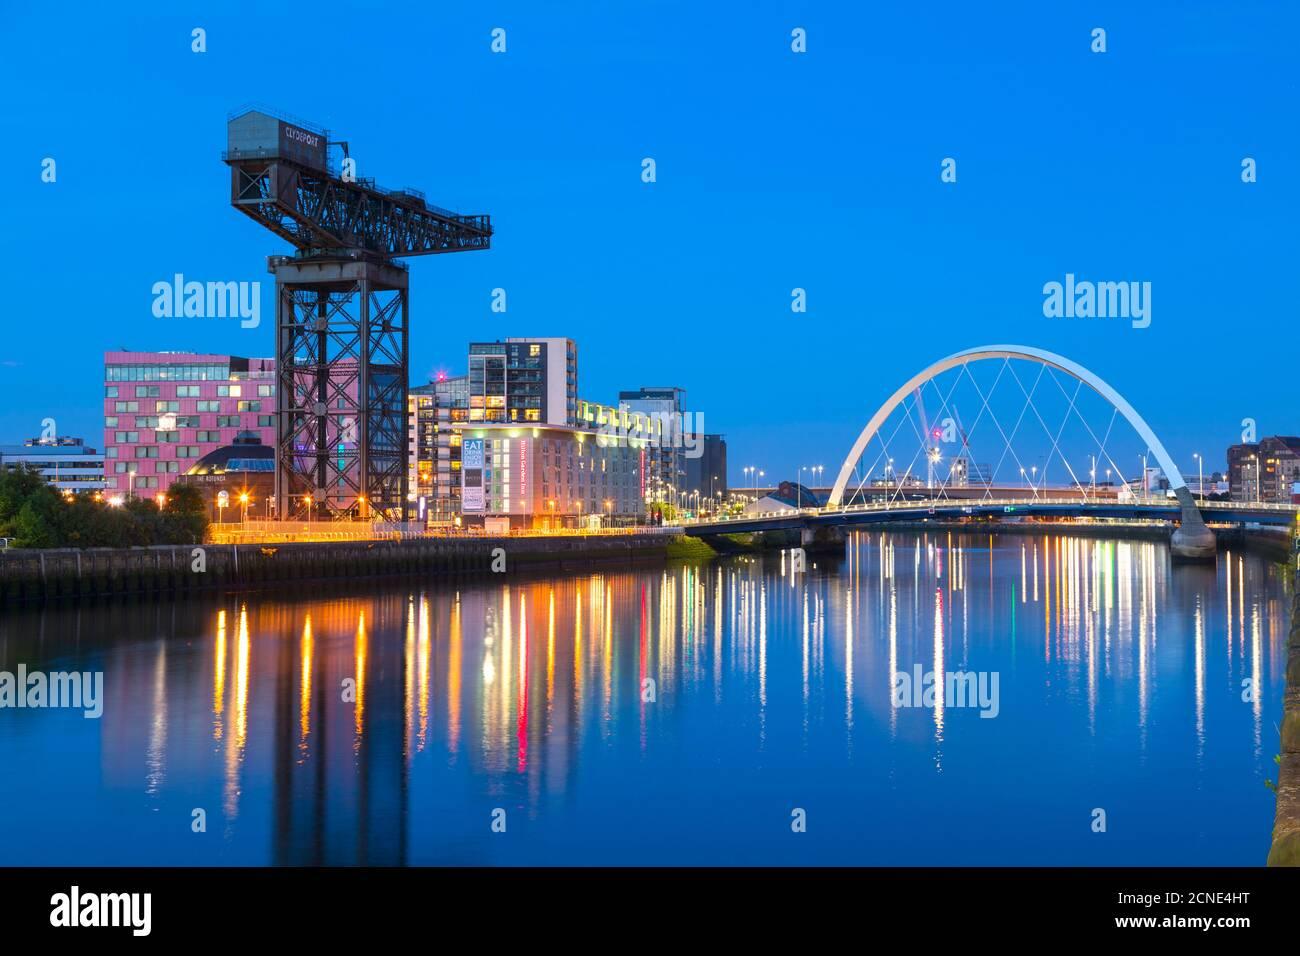 Finnieston Crane et Clyde Arc Bridge, River Clyde, Glasgow, Écosse, Royaume-Uni, Europe Banque D'Images